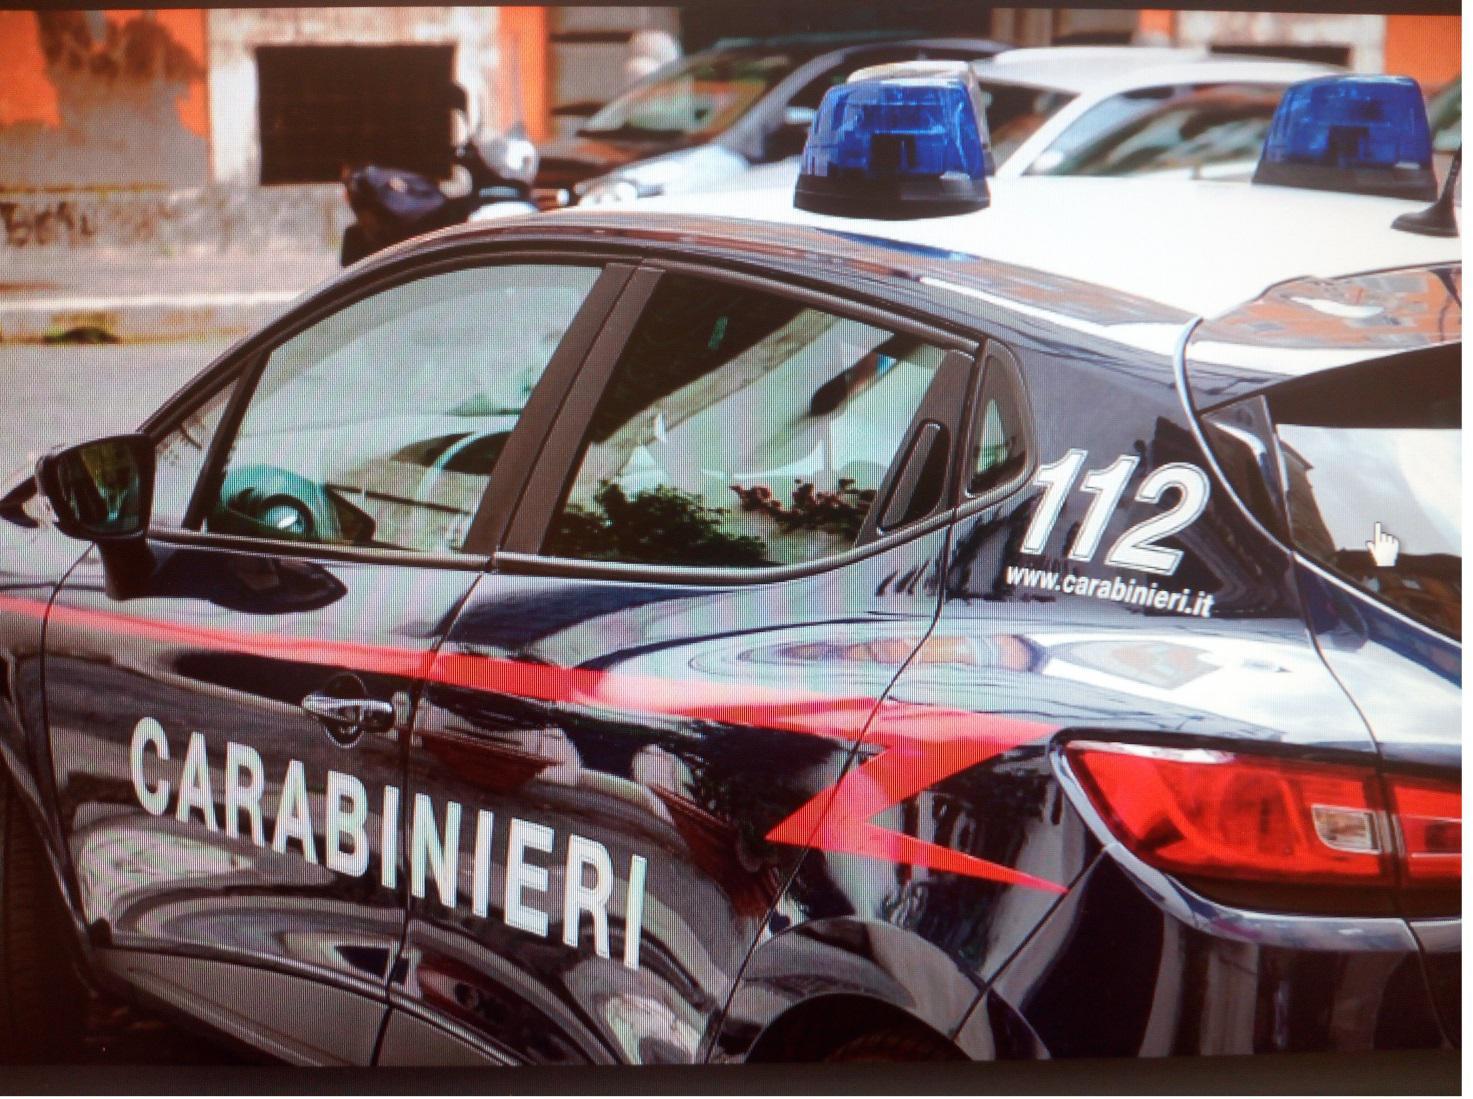 operazione-sonacai:-eseguite-11-misure-cautelari,-sequestrati-beni-per-1,2-milioni-di-euro